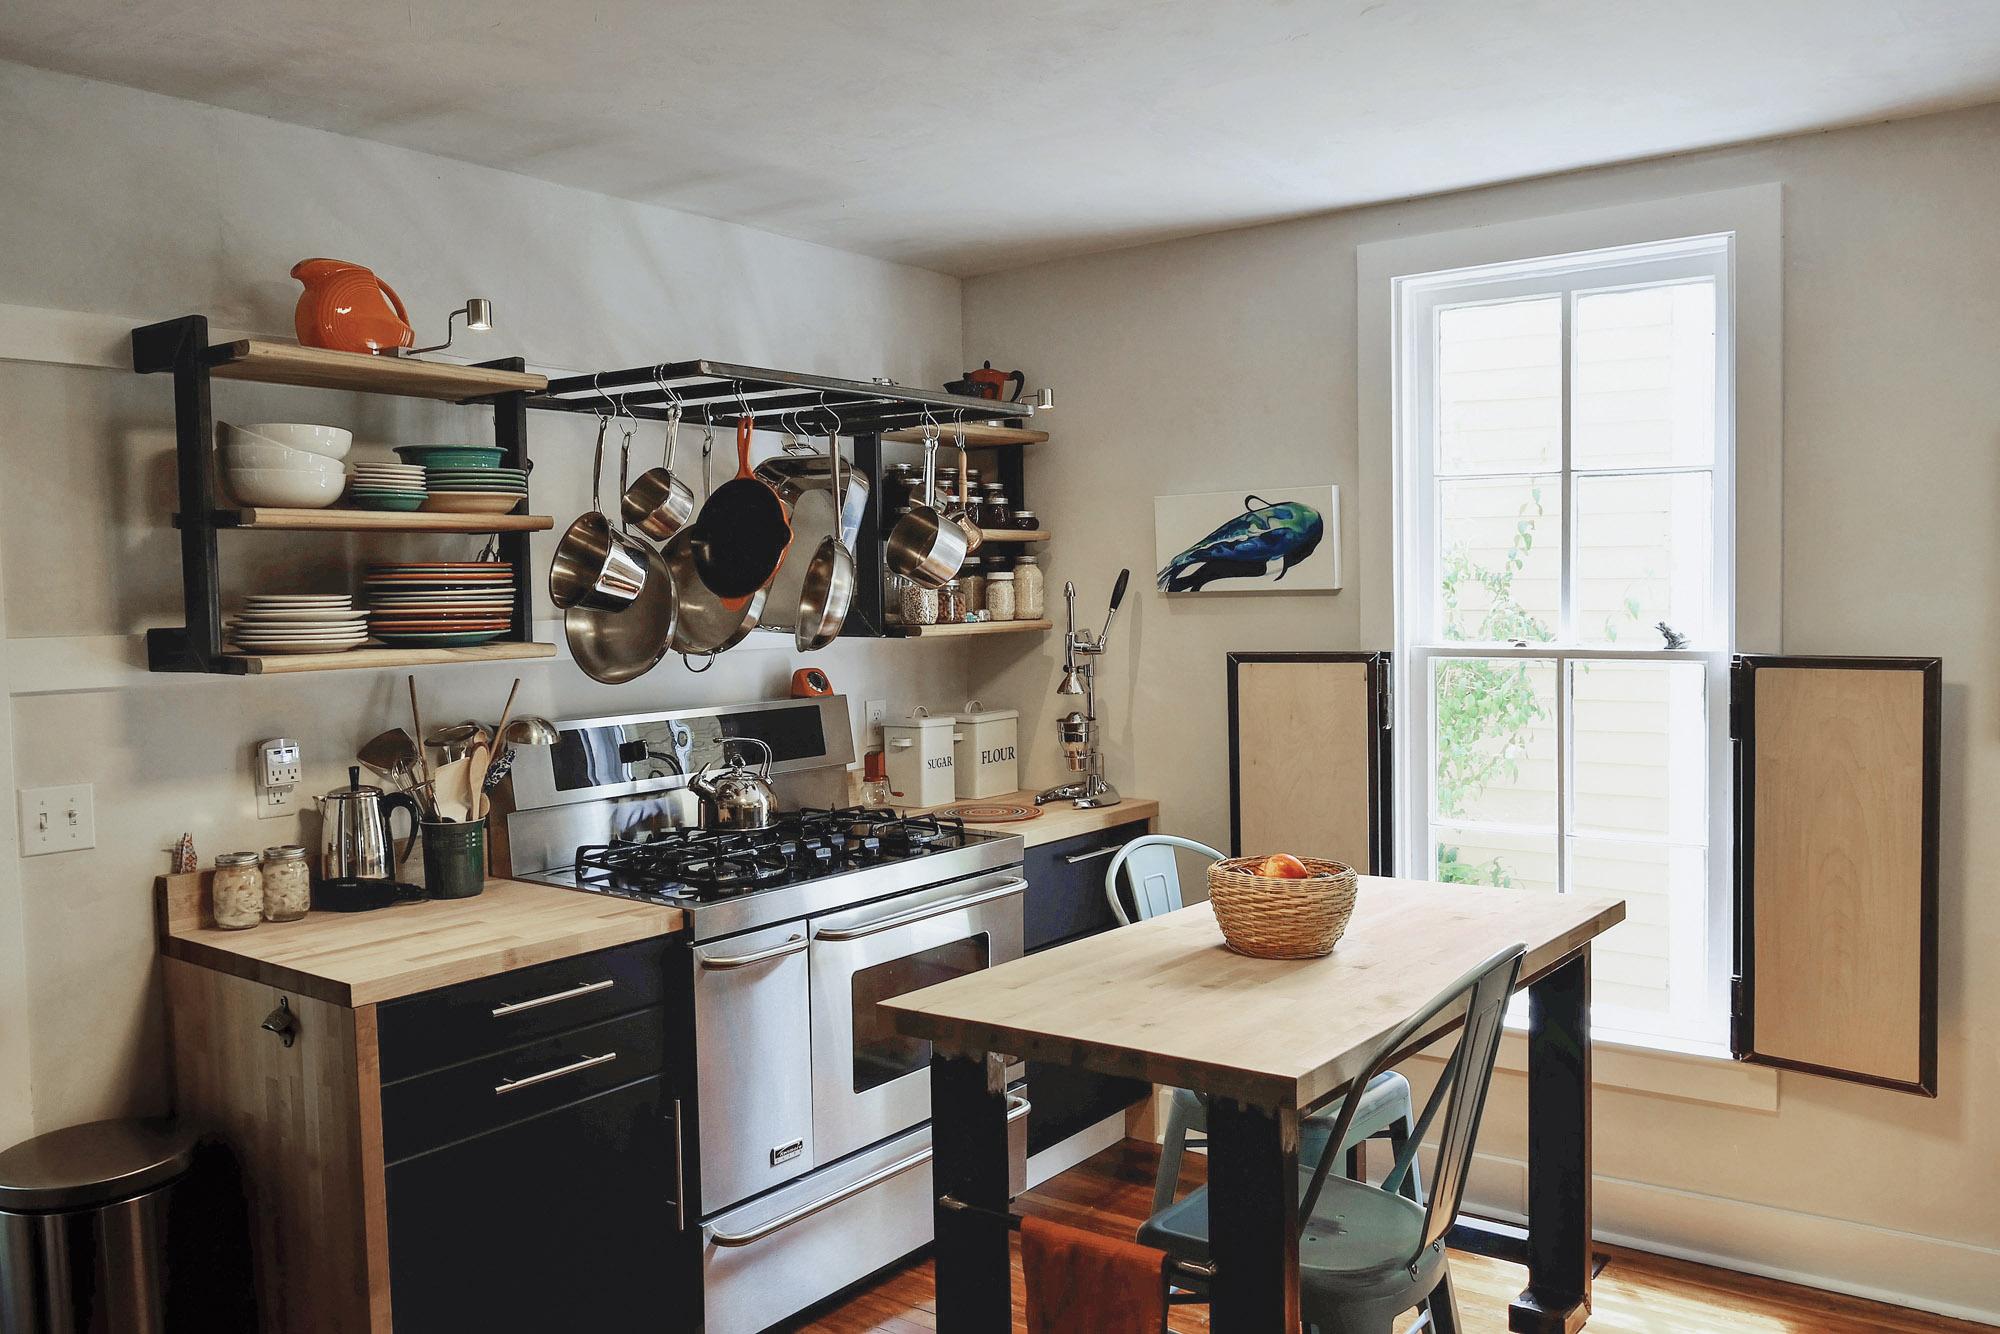 post cilv-war kitchen